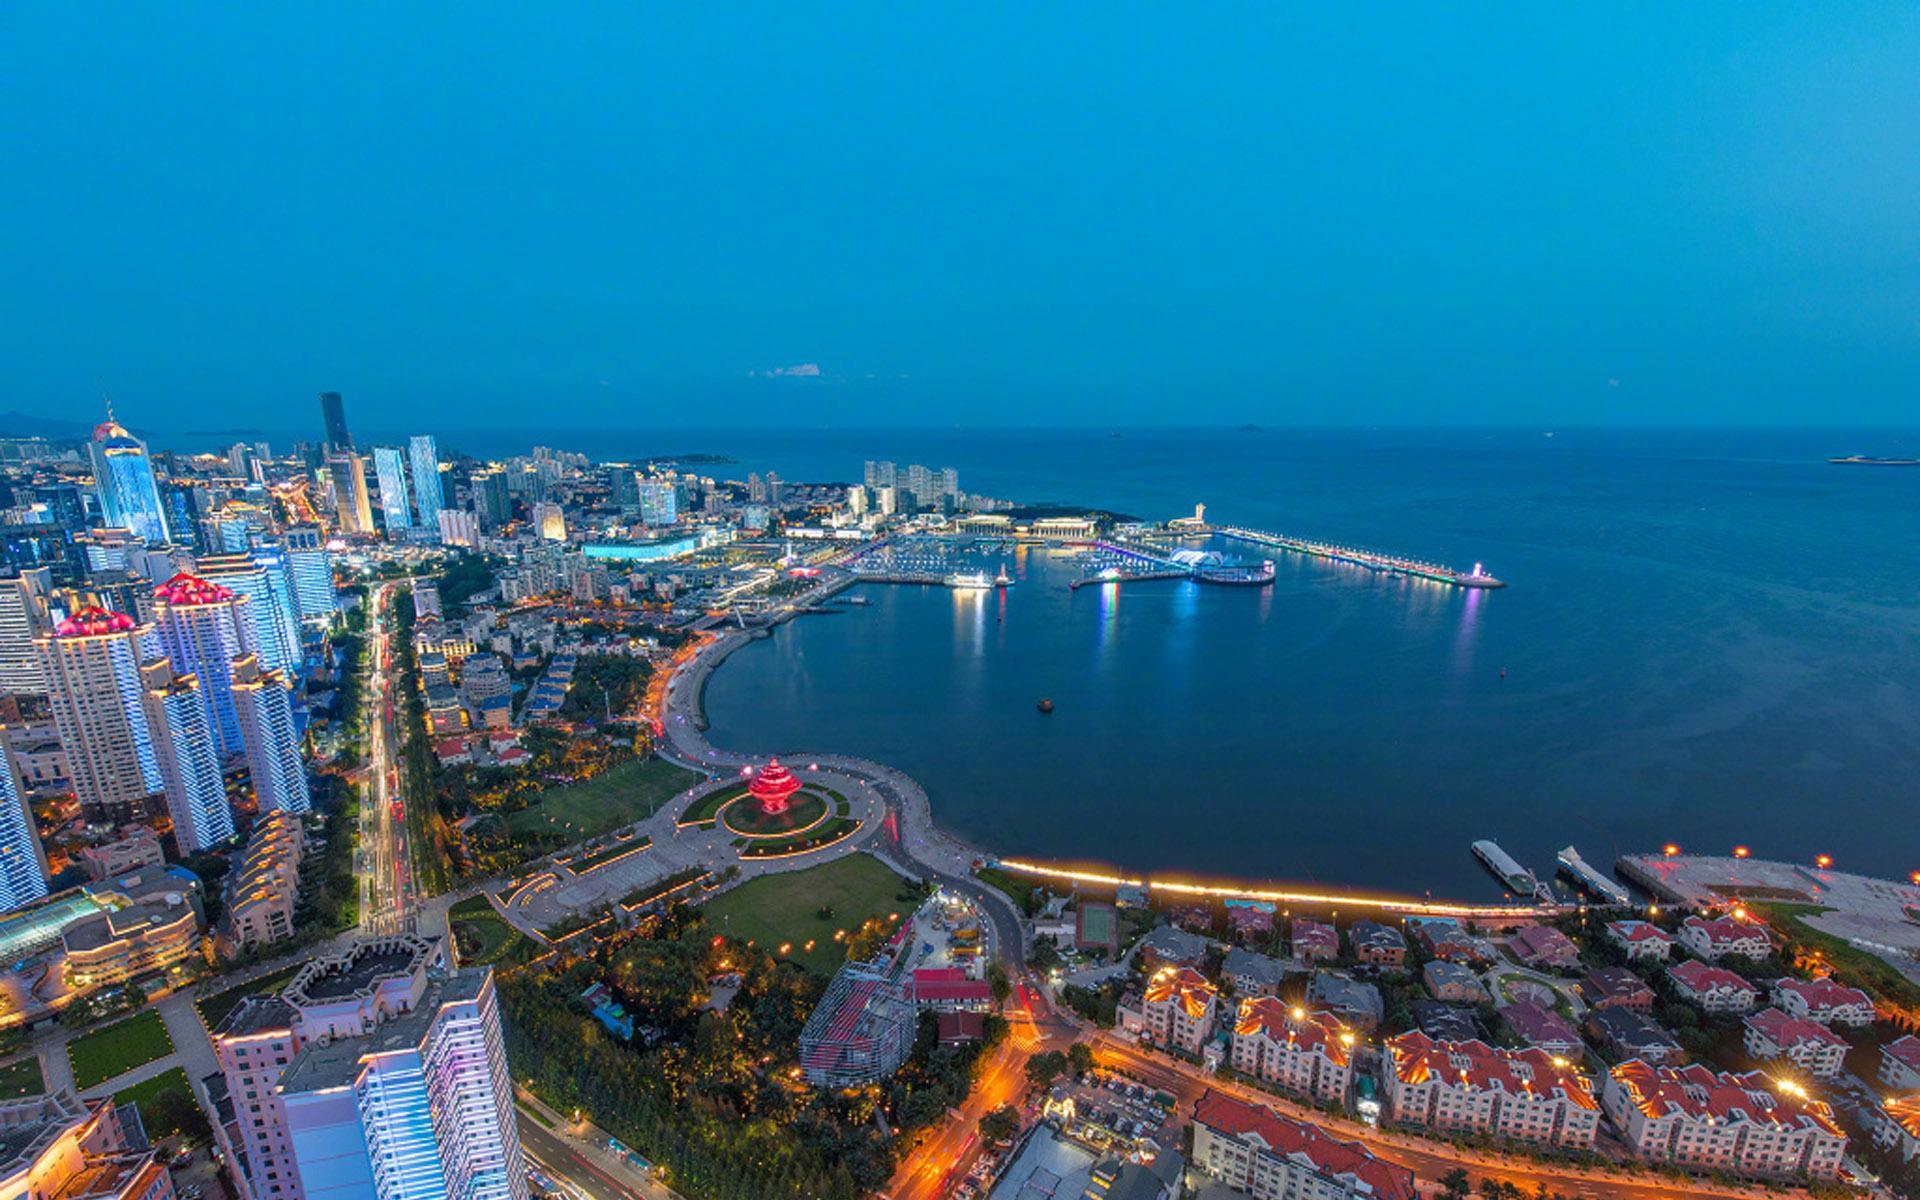 山东青岛建筑风景图片桌面壁纸